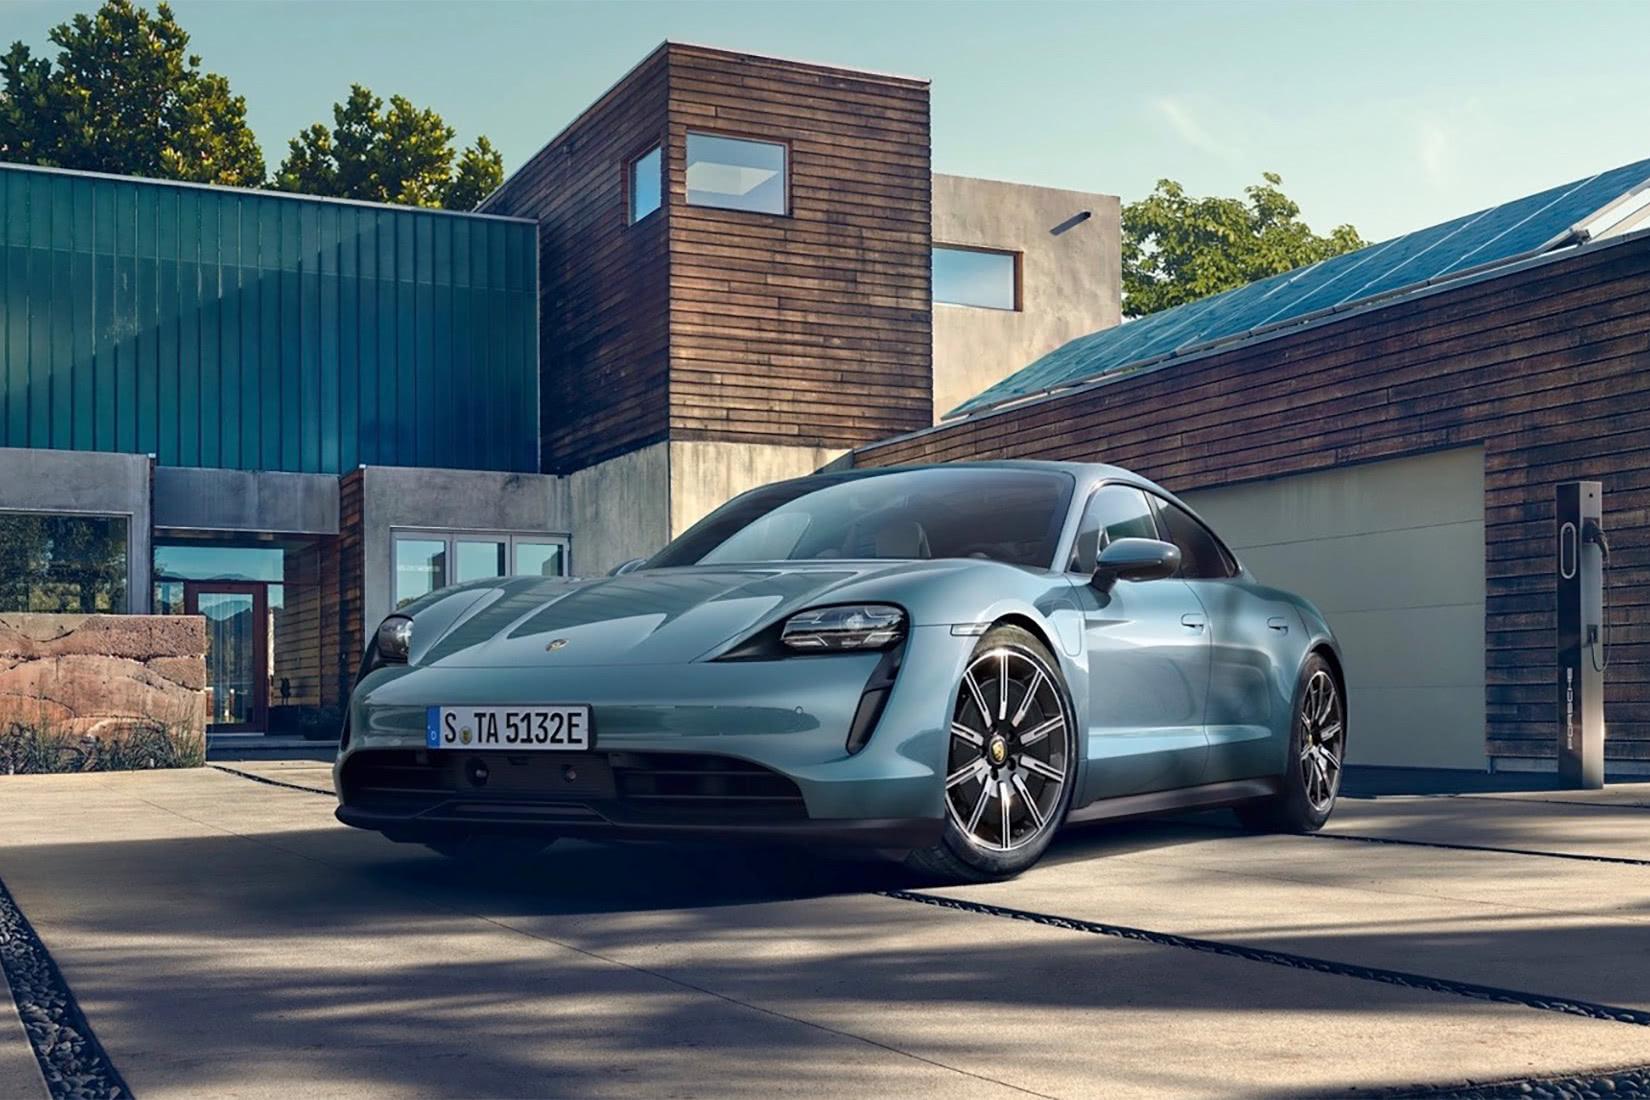 best luxury car brand Porsche - Luxe Digital